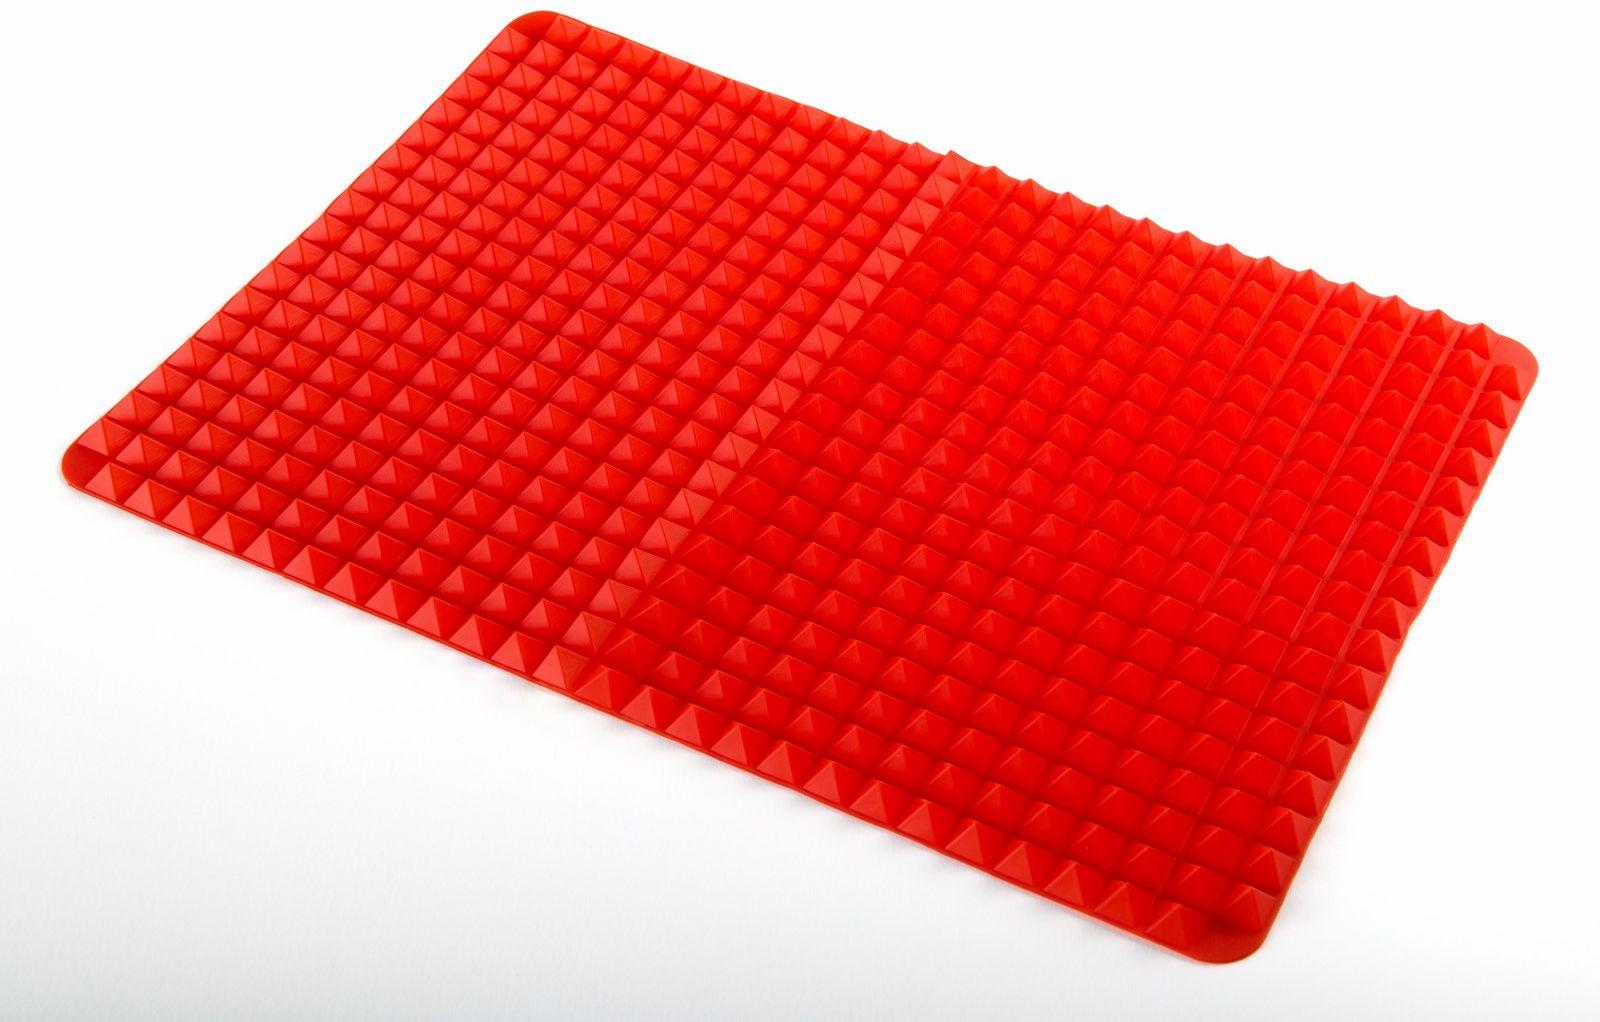 """Коврик для запекания Ругес Пирамида, силиконовый, цвет: красный, 38,5 x 27 смK-4Запекая блюда в духовке мы часто вынуждены удалять вытекающий жир и сок с противня, чтобы добиться нужного вкуса или определенной диетичности. Это не всегда легко и всегда небезопасно. Силиконовый коврик для запекания Пирамида позволяет стекать лишнему жиру в процессе приготовления просто за счет конструкции поверхности. Силиконовый коврик для запекания густо покрыт маленькими пирамидками, которые удерживают продукты на весу в процессе запекания и оставляют пространство для лишней жидкости. Силиконовый коврик Пирамида защищает блюда и выпечку от пригорания и обеспечивает более равномерное пропекание, чем на плоском противне. Рельеф поверхности позволяет воздуху свободно циркулировать в процессе запекания. Коврик """"Пирамида"""" удобно использовать для сушки в духовом шкафу грибов, сухарей, яблок. Размер: 38,5х27х1 см. Вес: 148 гр. Количество пирамидок: около 1180 шт. Инструкция на русском языке."""